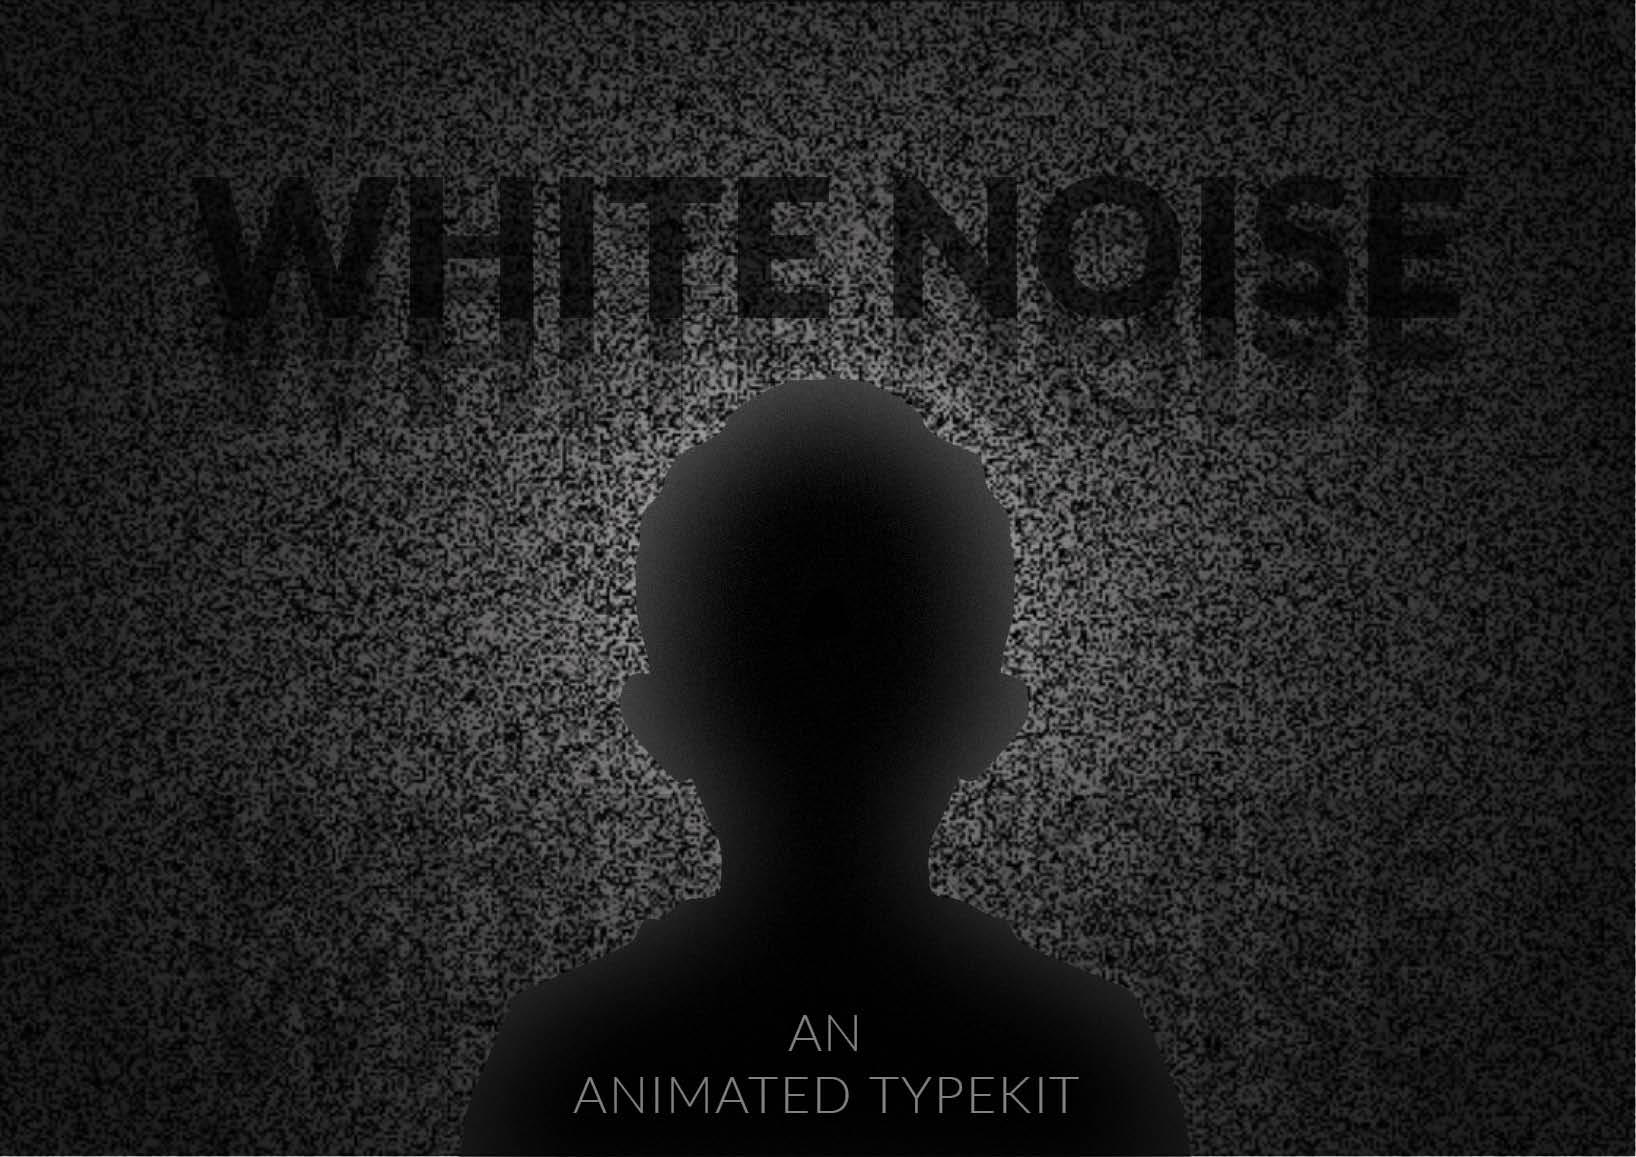 White Noise - A Dynamic Tpyekit